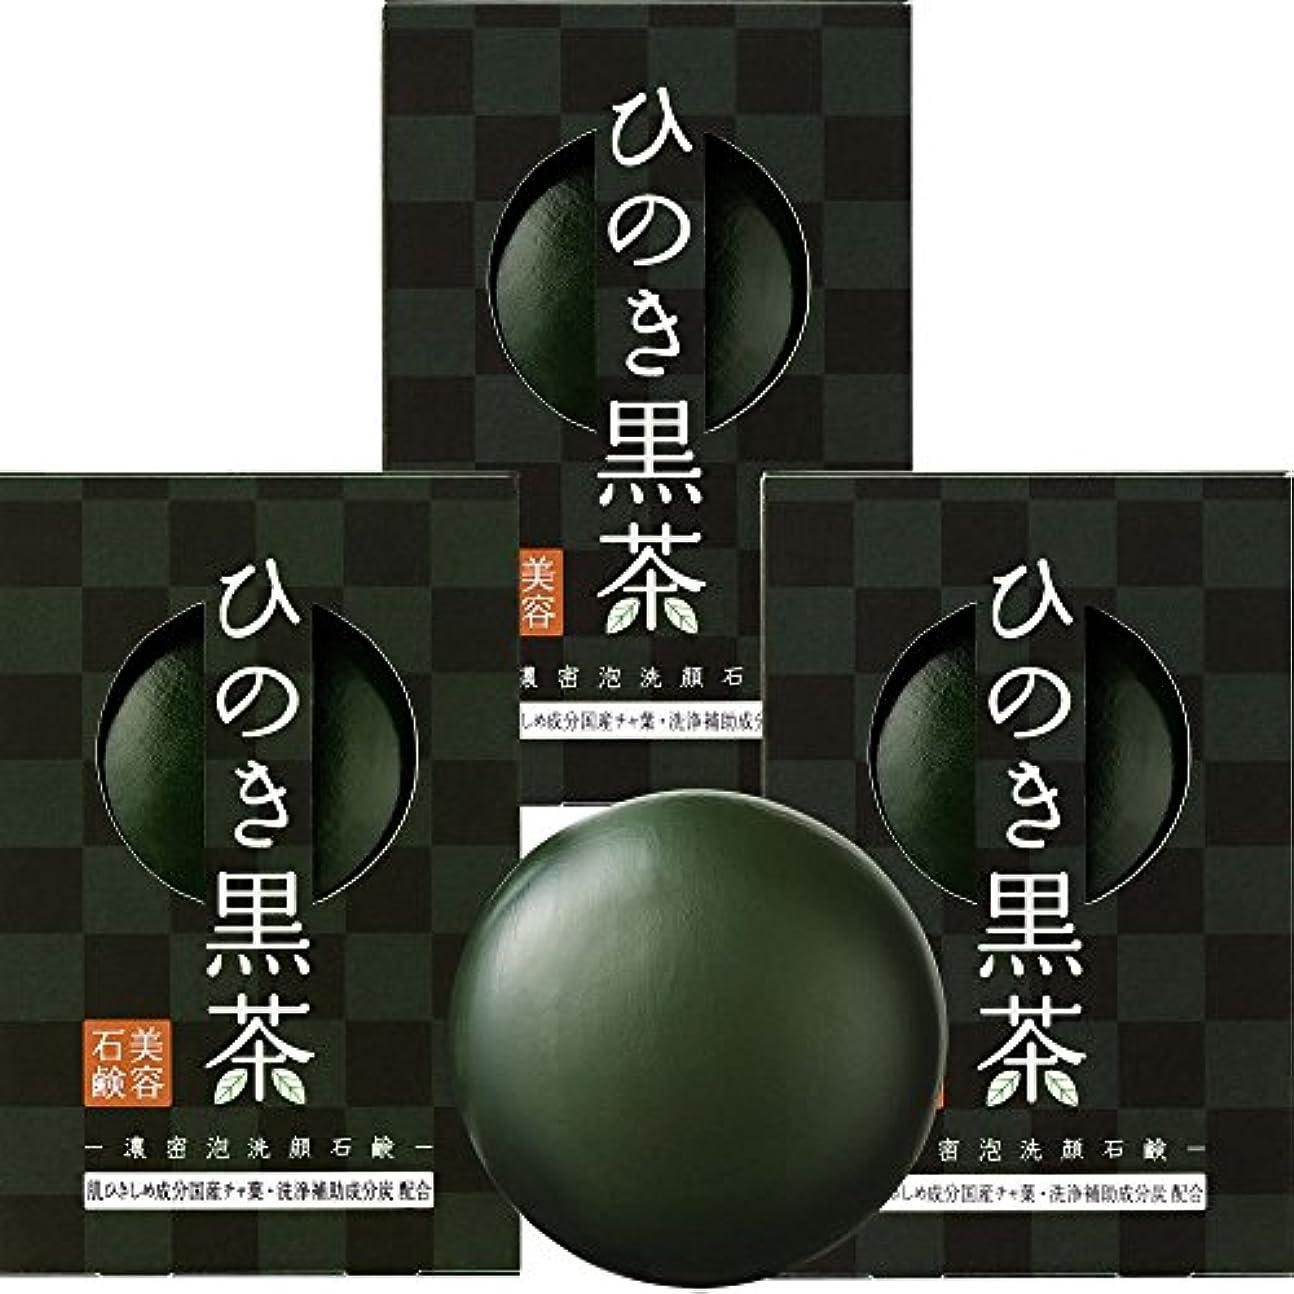 肺炎暗殺省略するひのき黒茶石鹸 (80g×3個) [保湿成分配合] ヒアルロン酸 コラーゲン